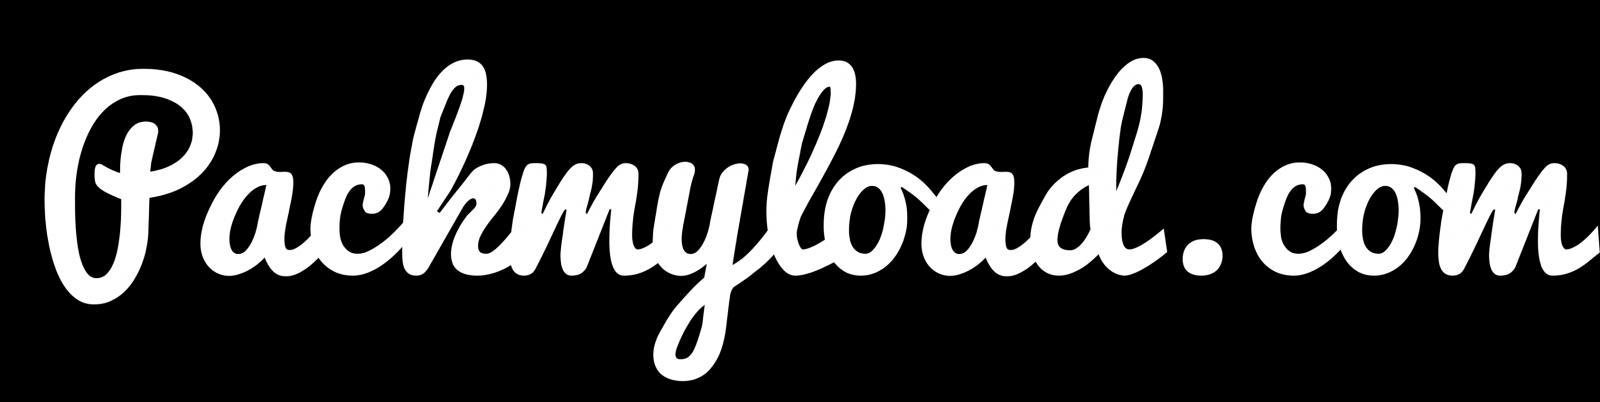 Logo for Packmyload